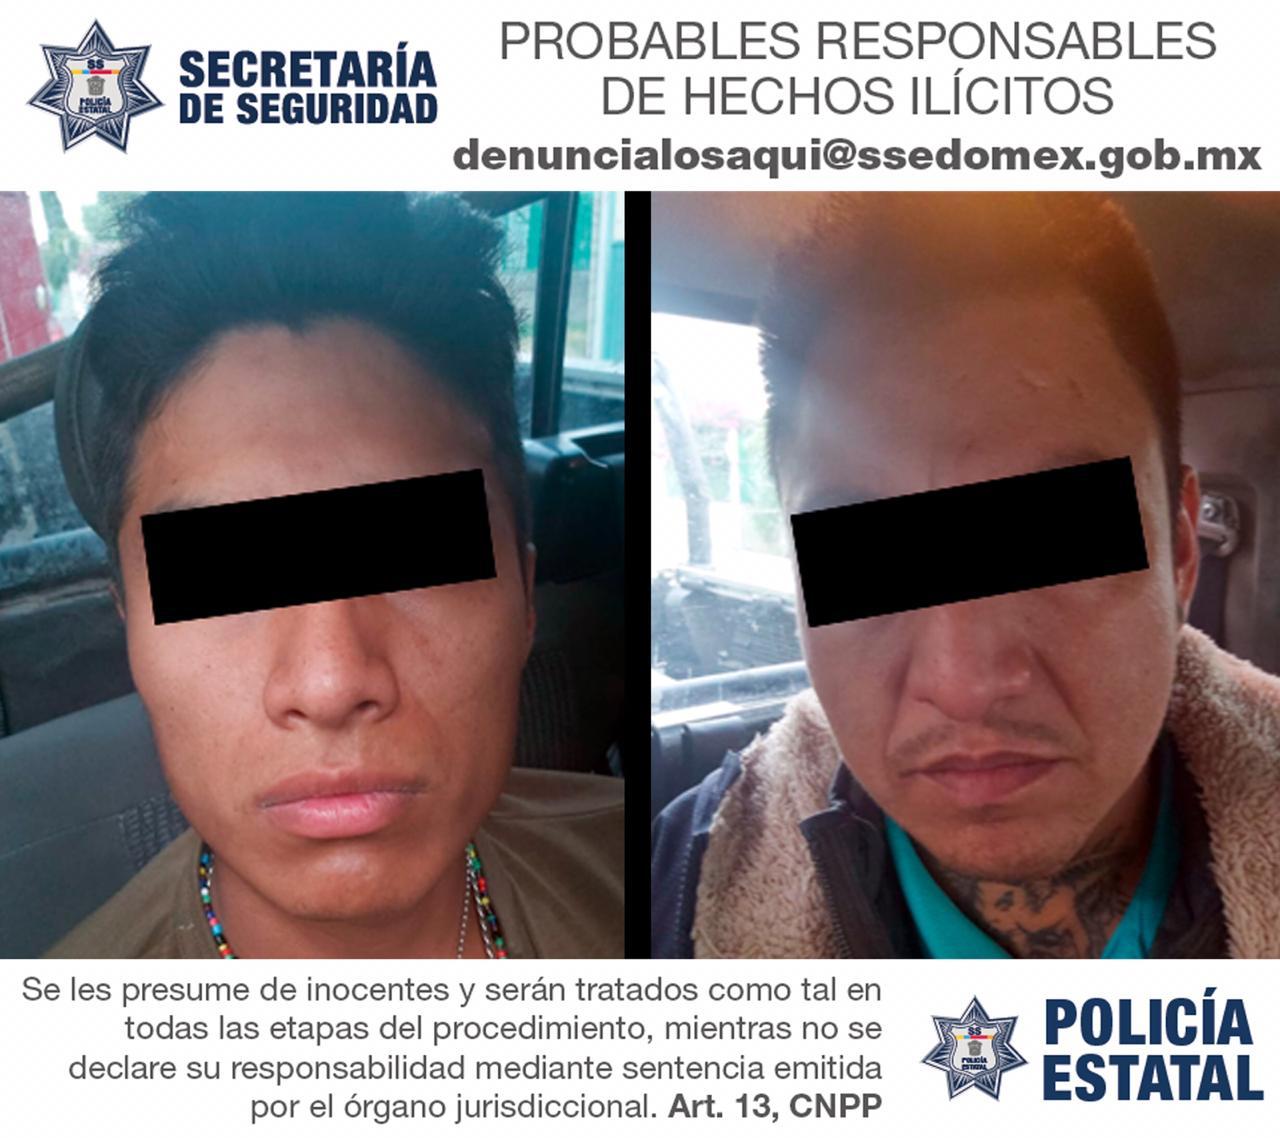 APREHENDEN A DOS PROBABLES RESPONSABLES, DEL DELITO DE ROBO CON VIOLENCIA A UN TAXISTA